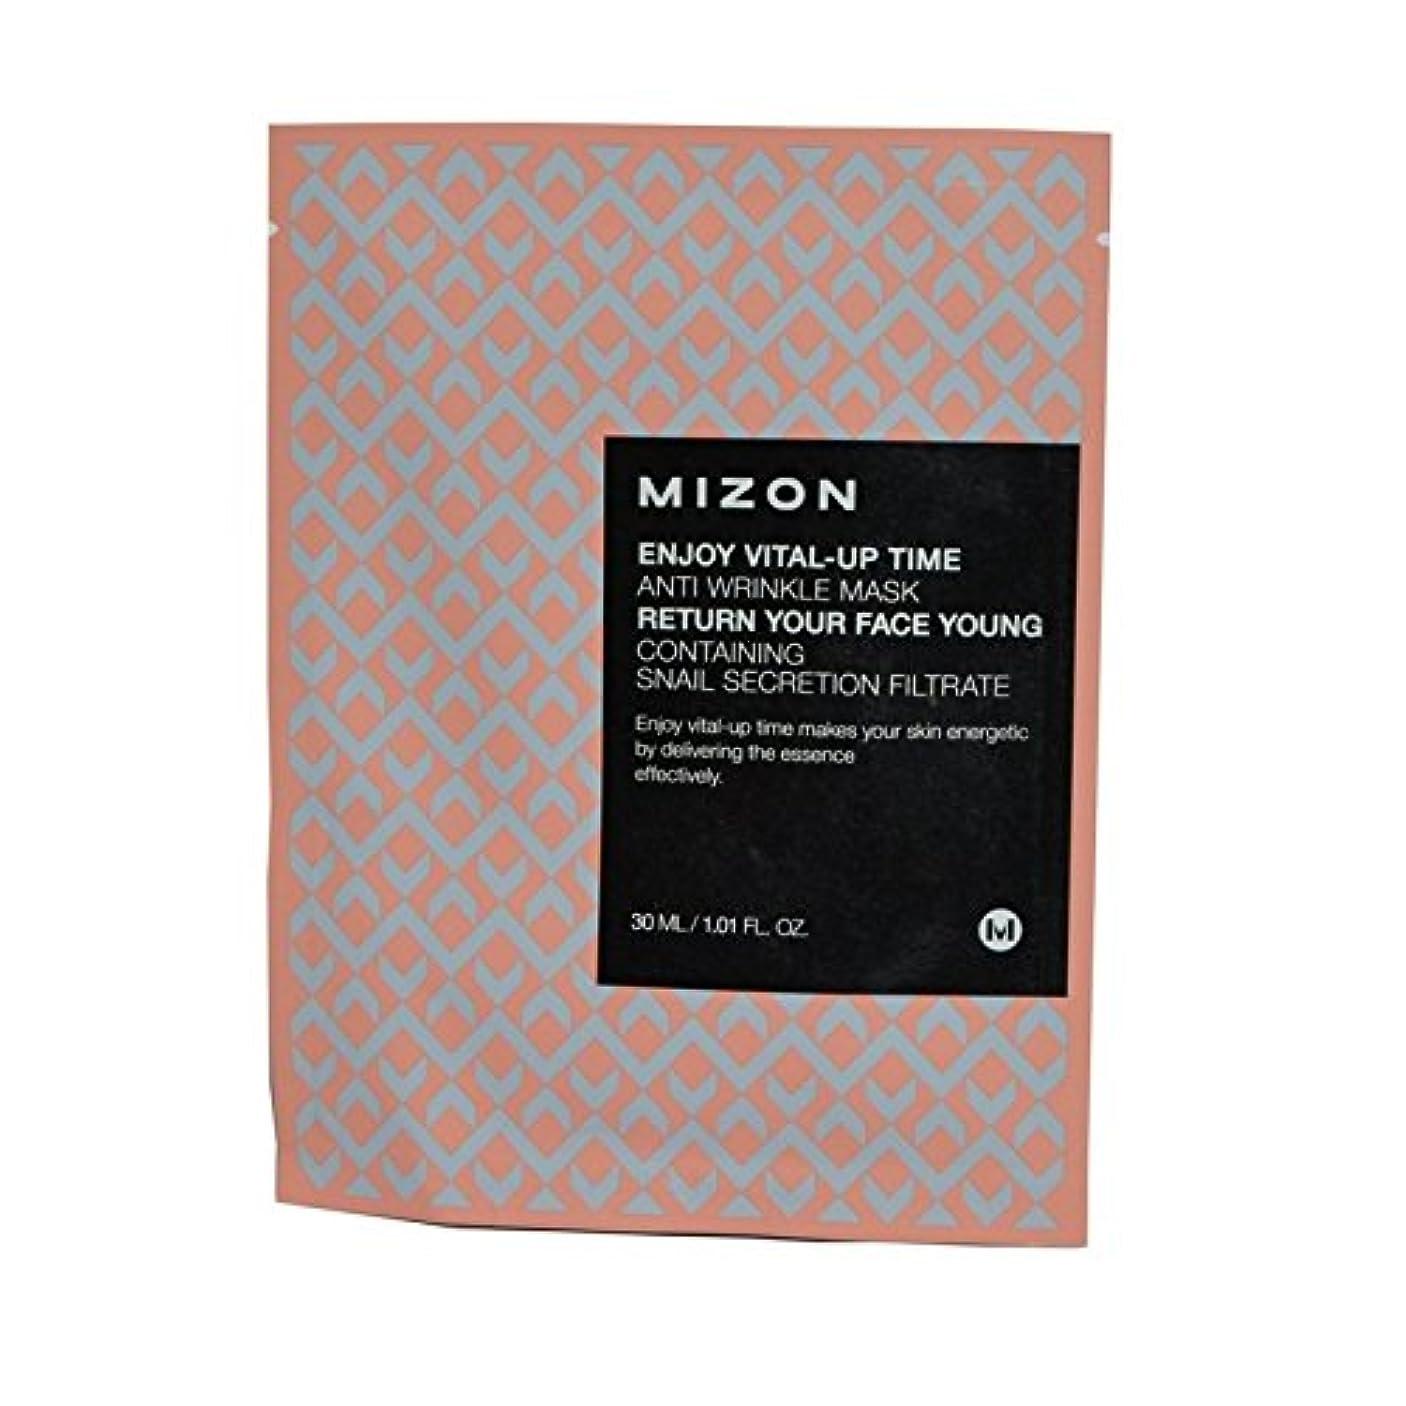 腐った線形コークスが不可欠アップ時間抗しわマスクを楽しみます x4 - Mizon Enjoy Vital Up Time Anti-Wrinkle Mask (Pack of 4) [並行輸入品]